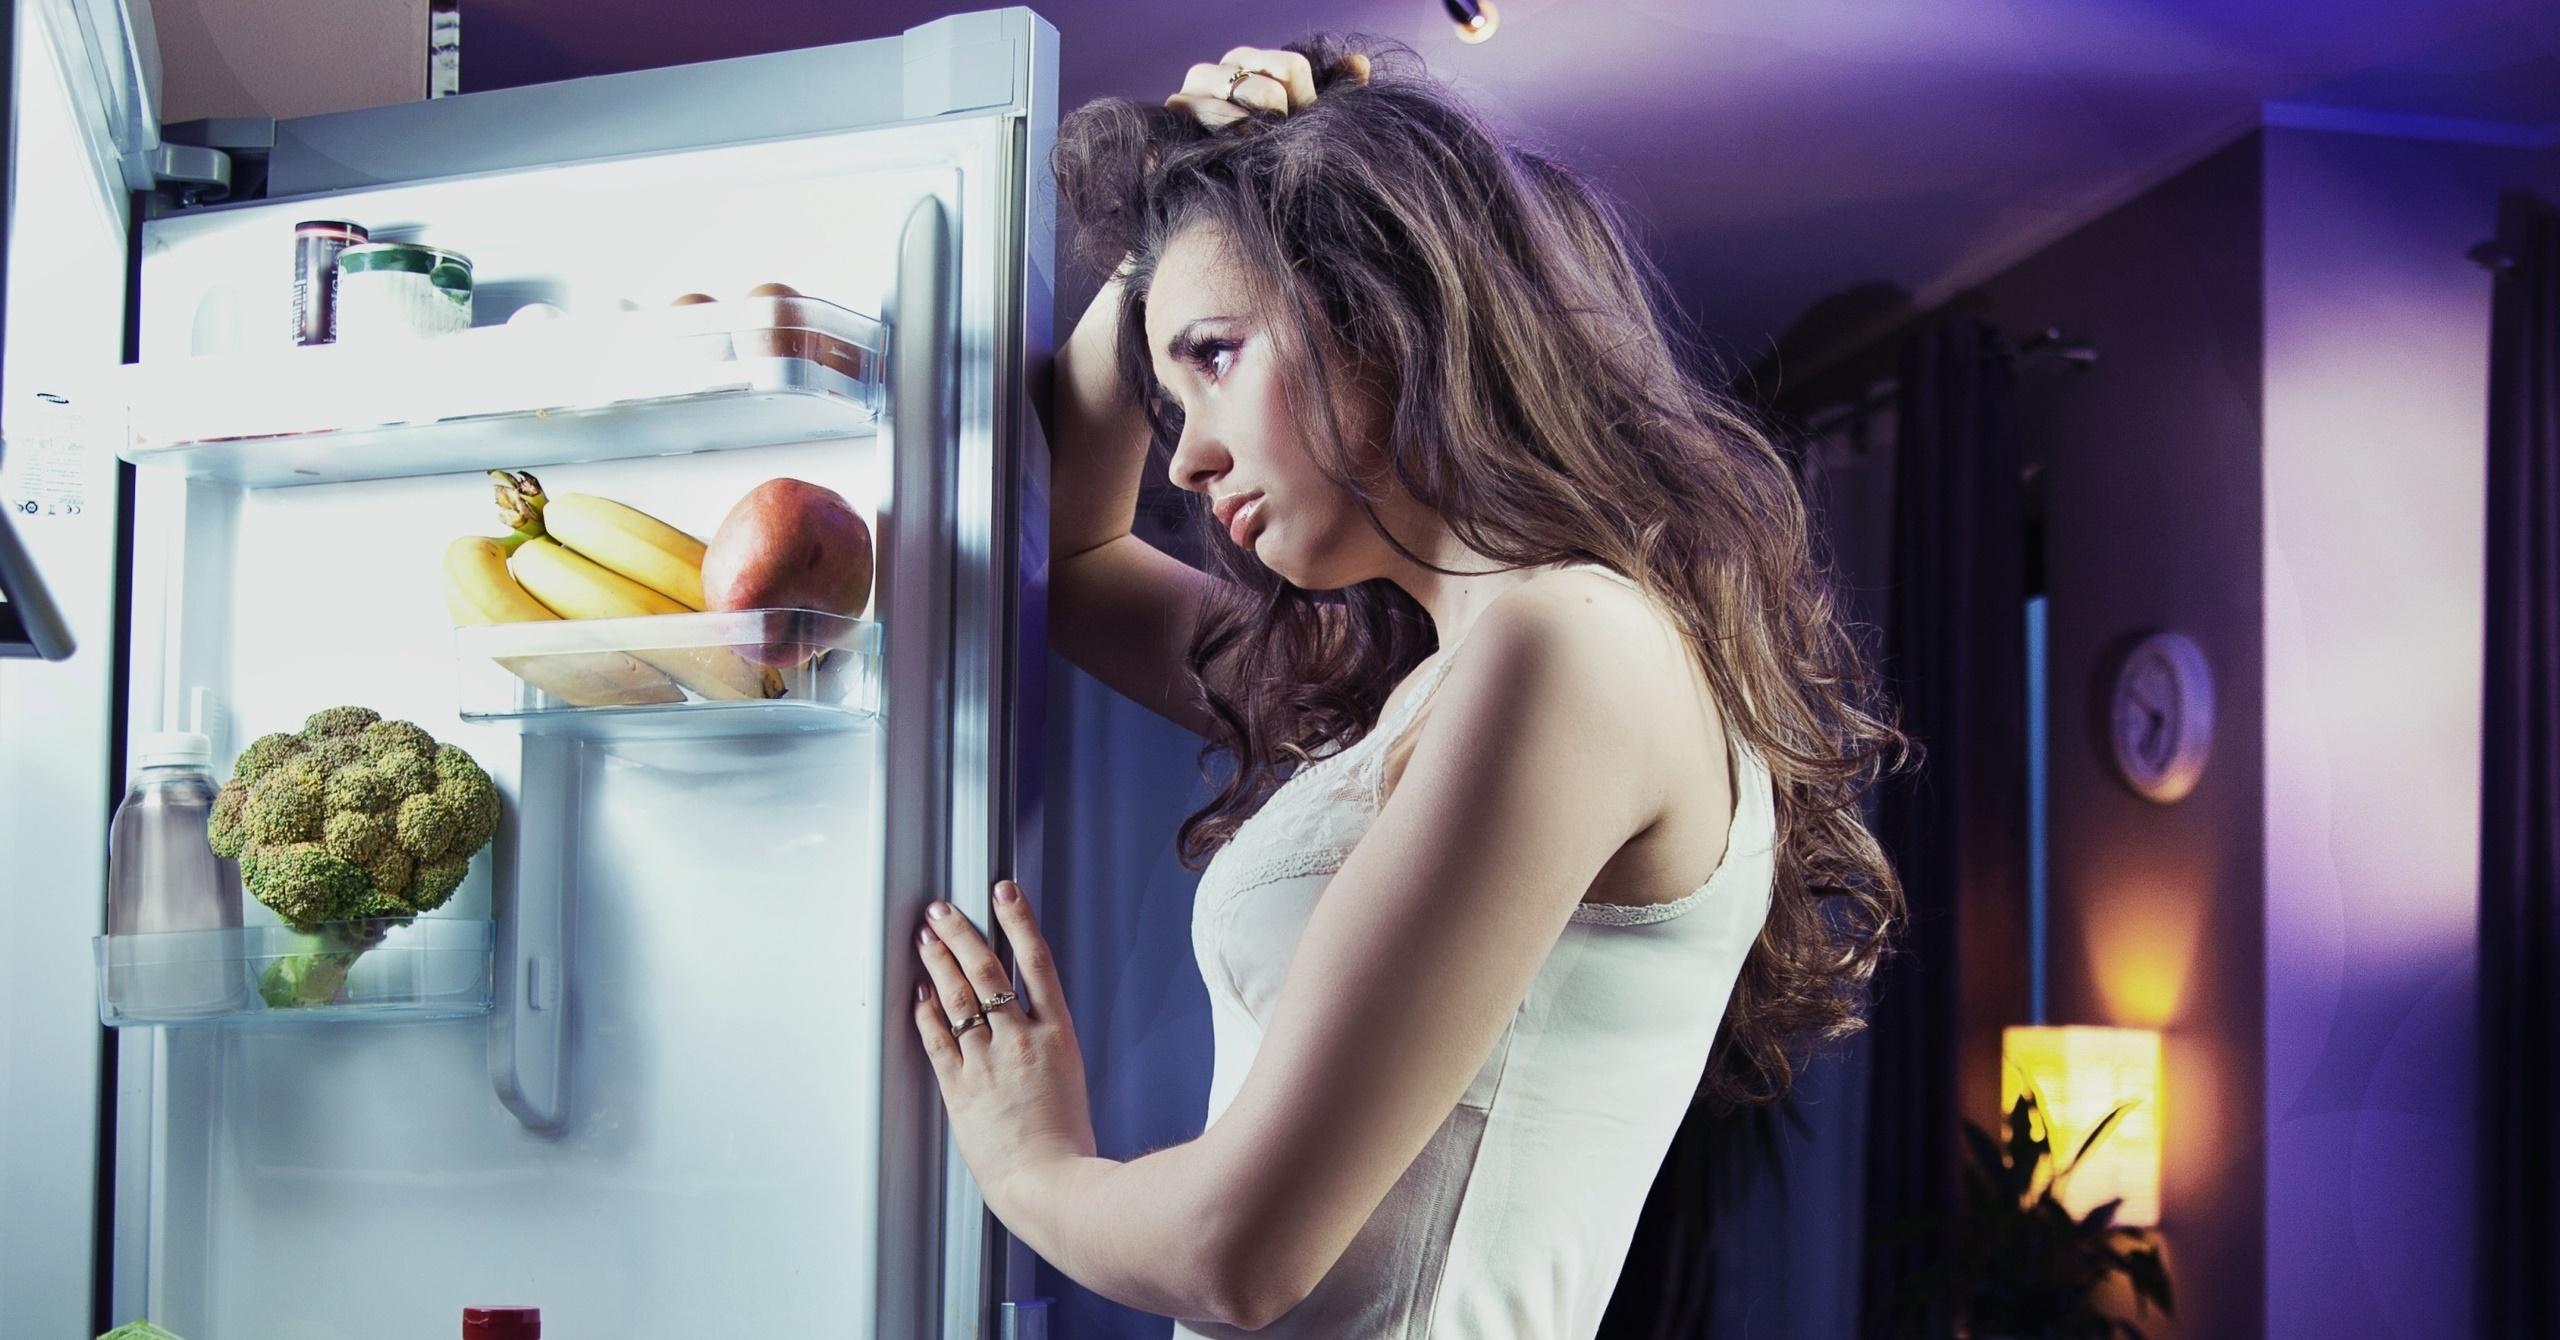 Znalezione obrazy dla zapytania я лечения расстройств пищевого поведения